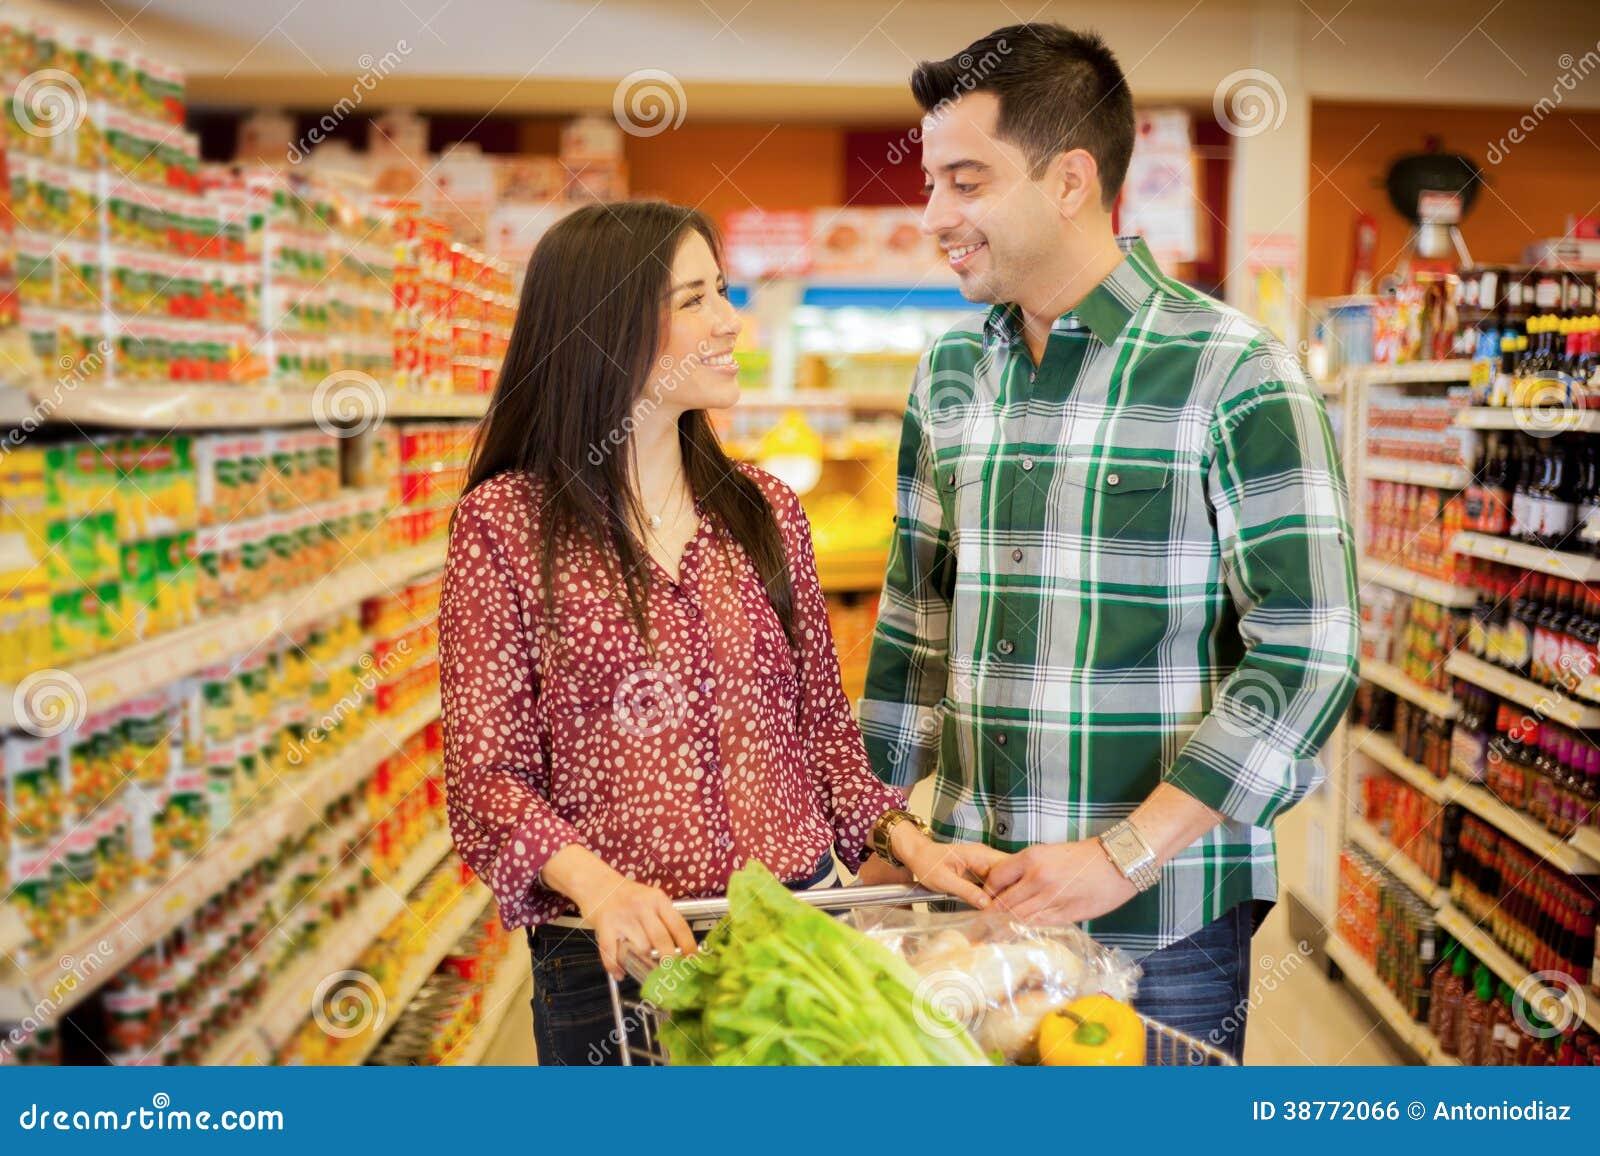 Dating in Corona-Zeiten: Beim Einkaufen die Liebe finden? - ZDFheute